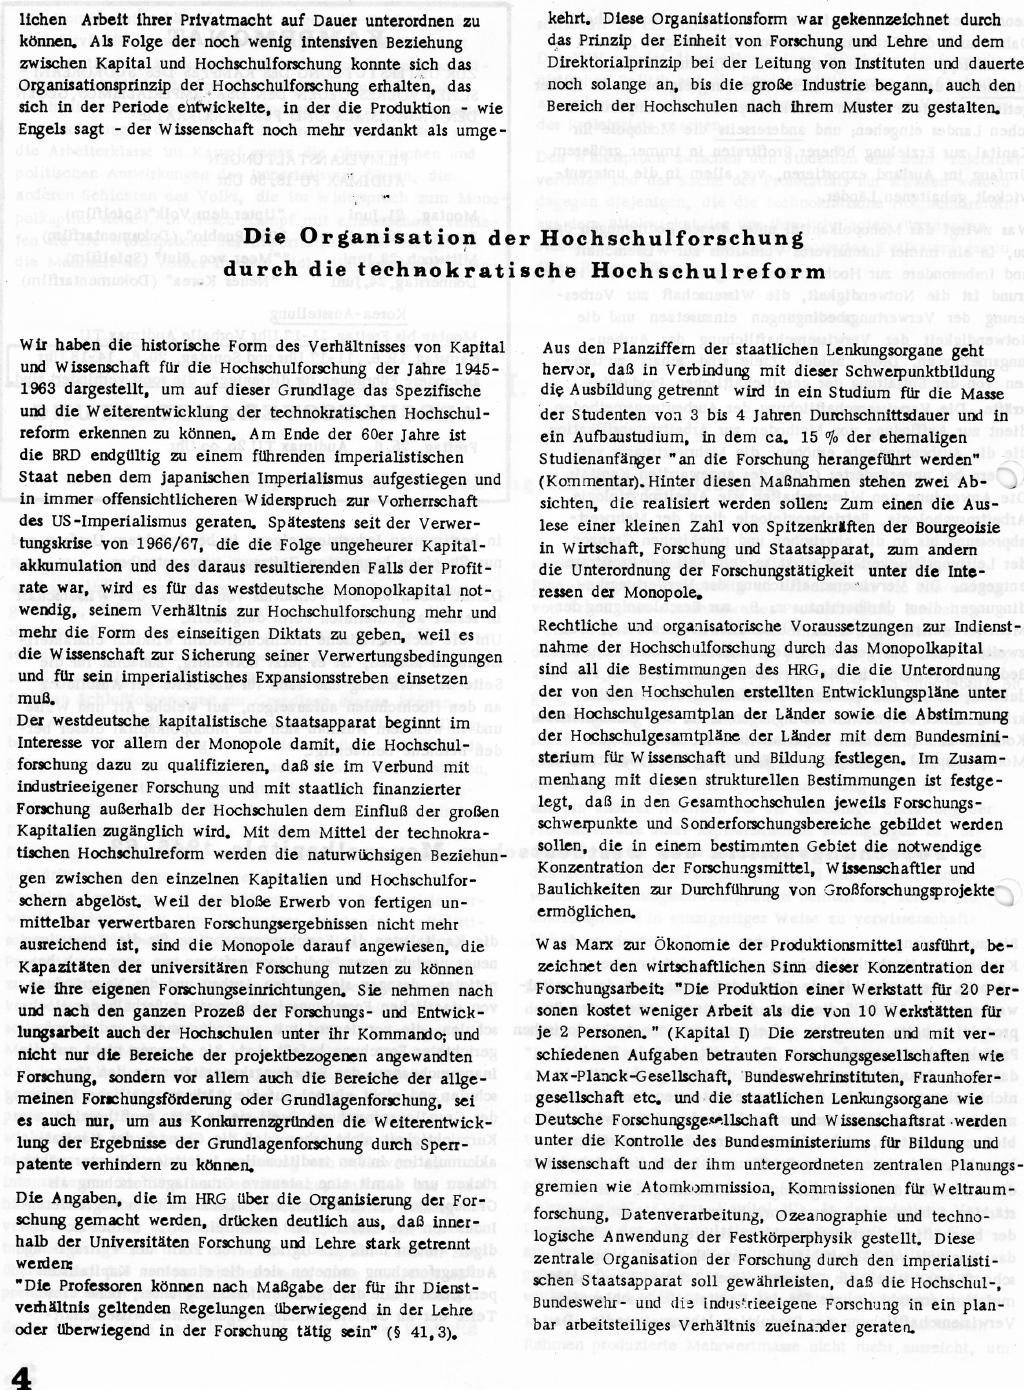 RPK_1971_120_04